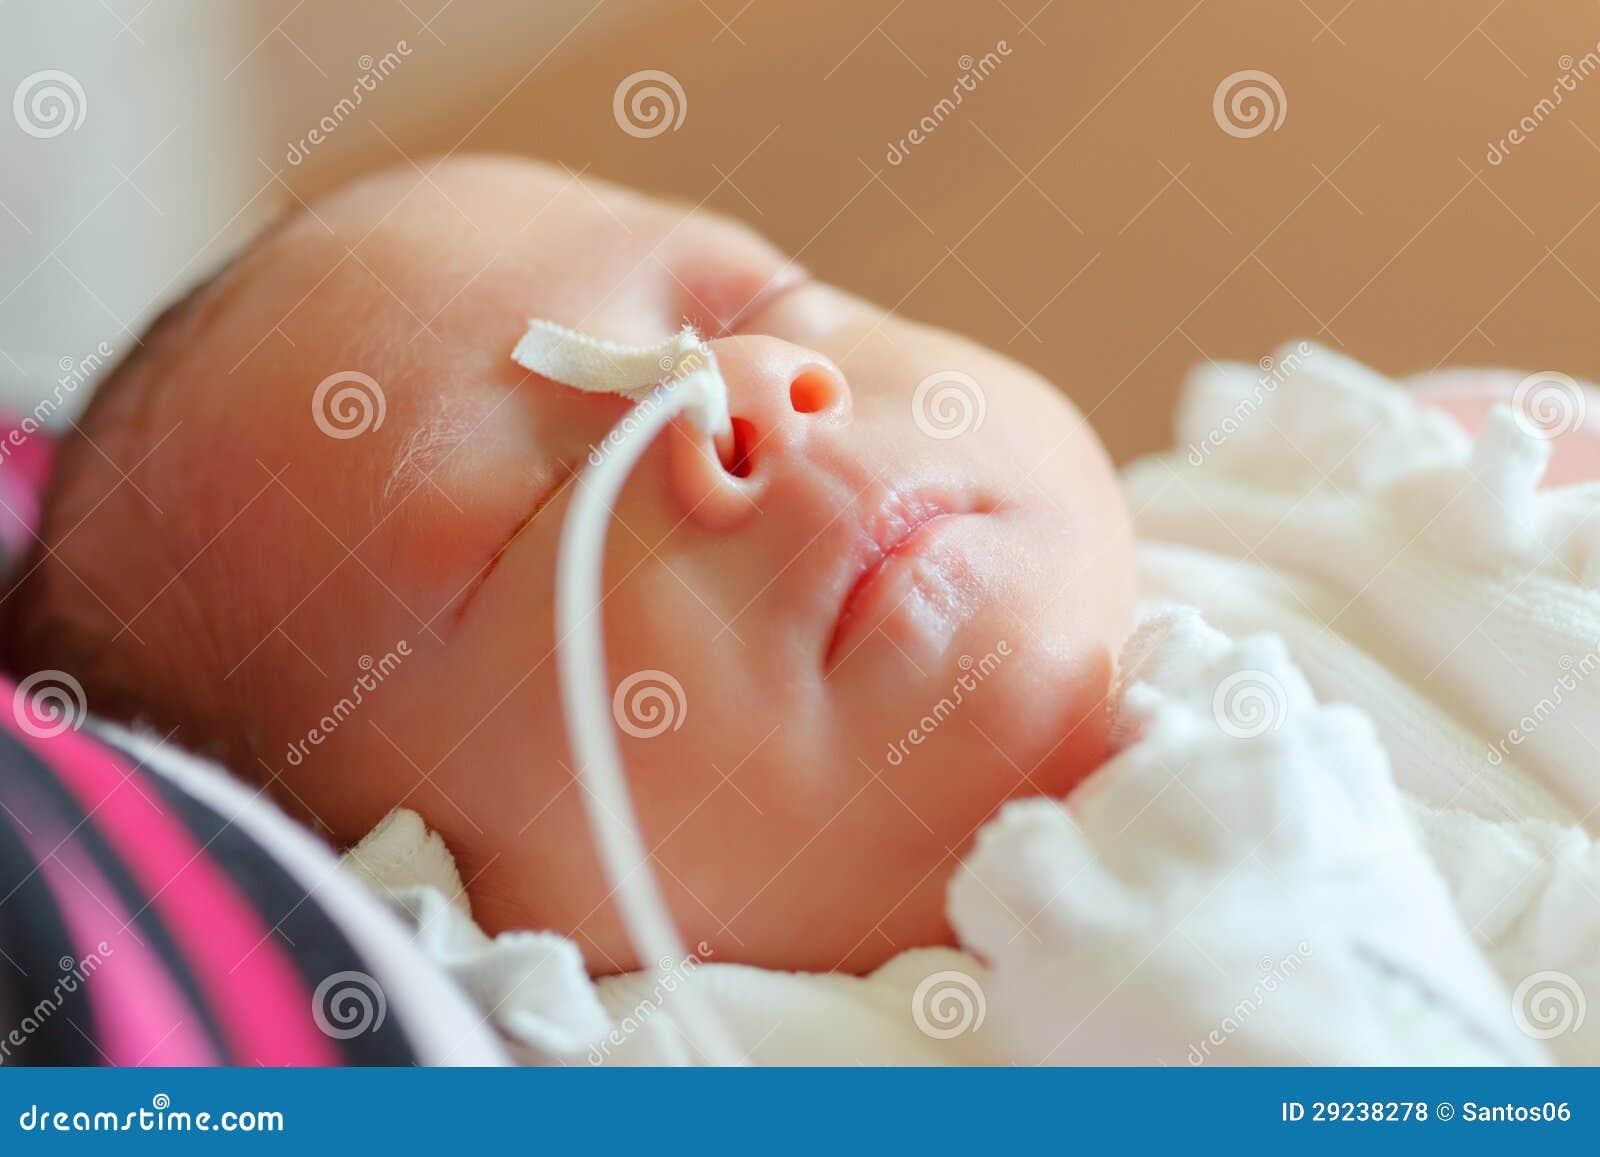 Младенец рожденный преждевремено